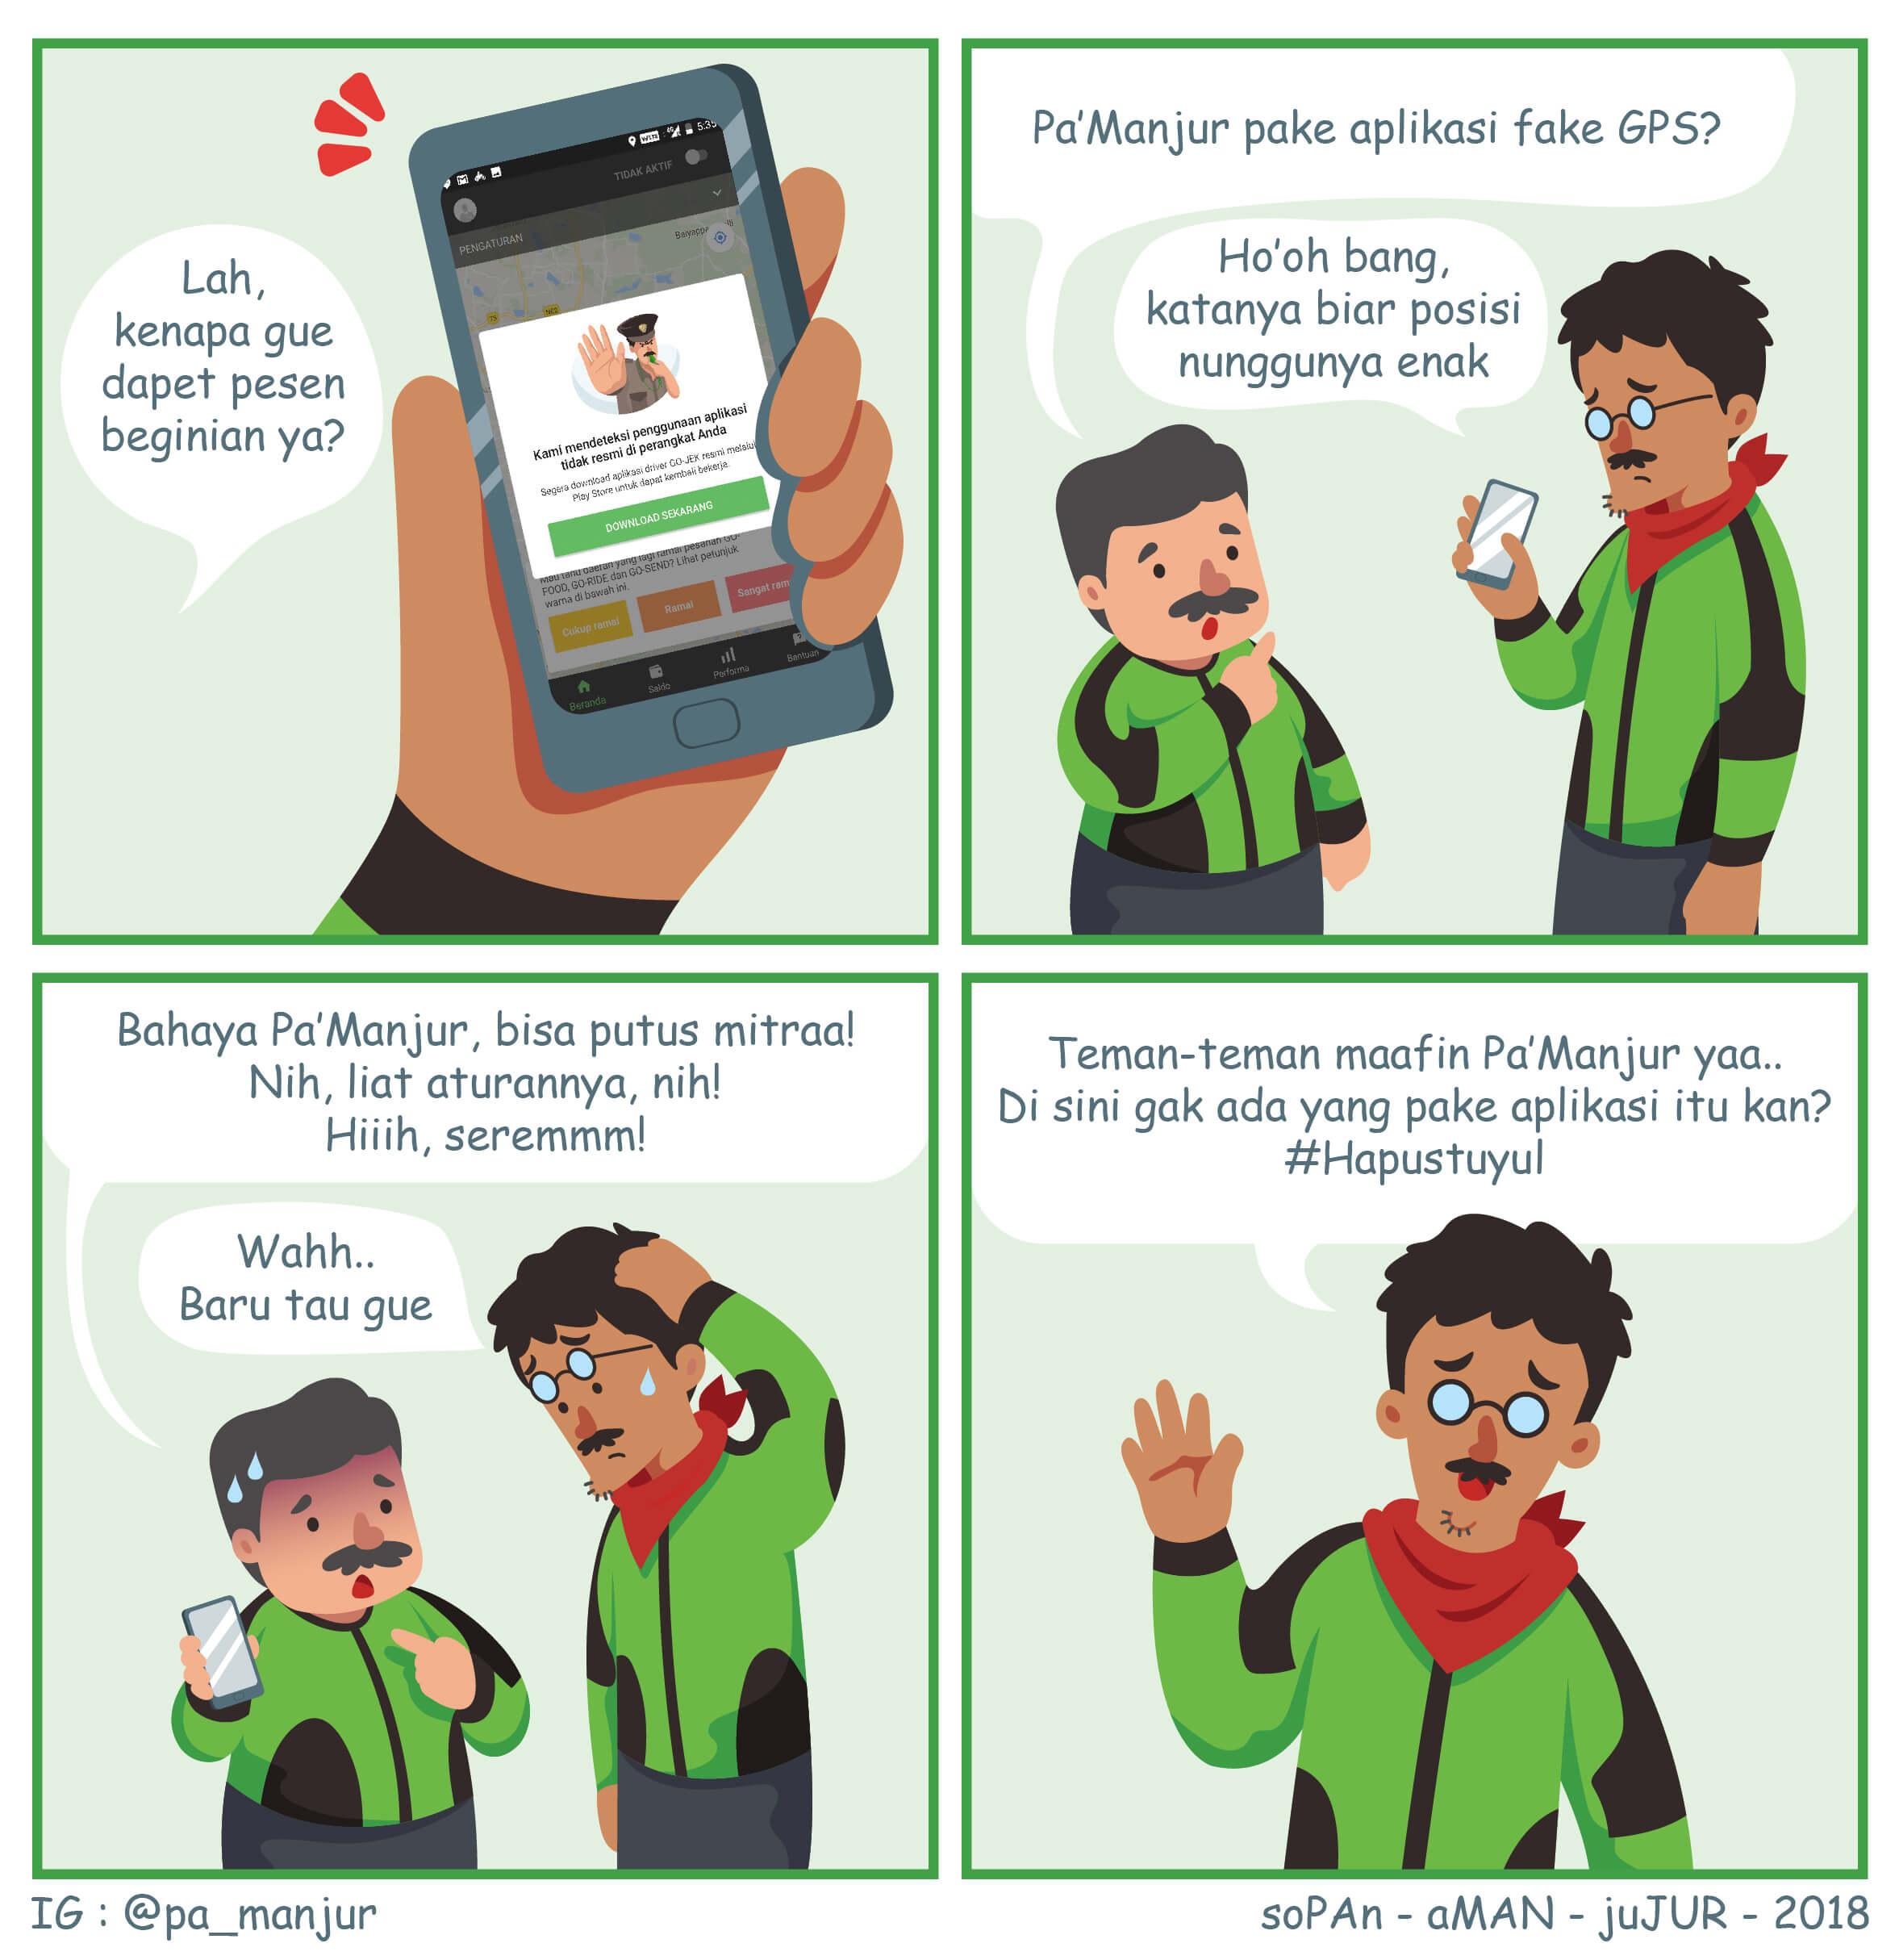 Download Tuyul, Pasang APK Fake GPS, Aplikasi Mod Gacor? Yuk Hapus